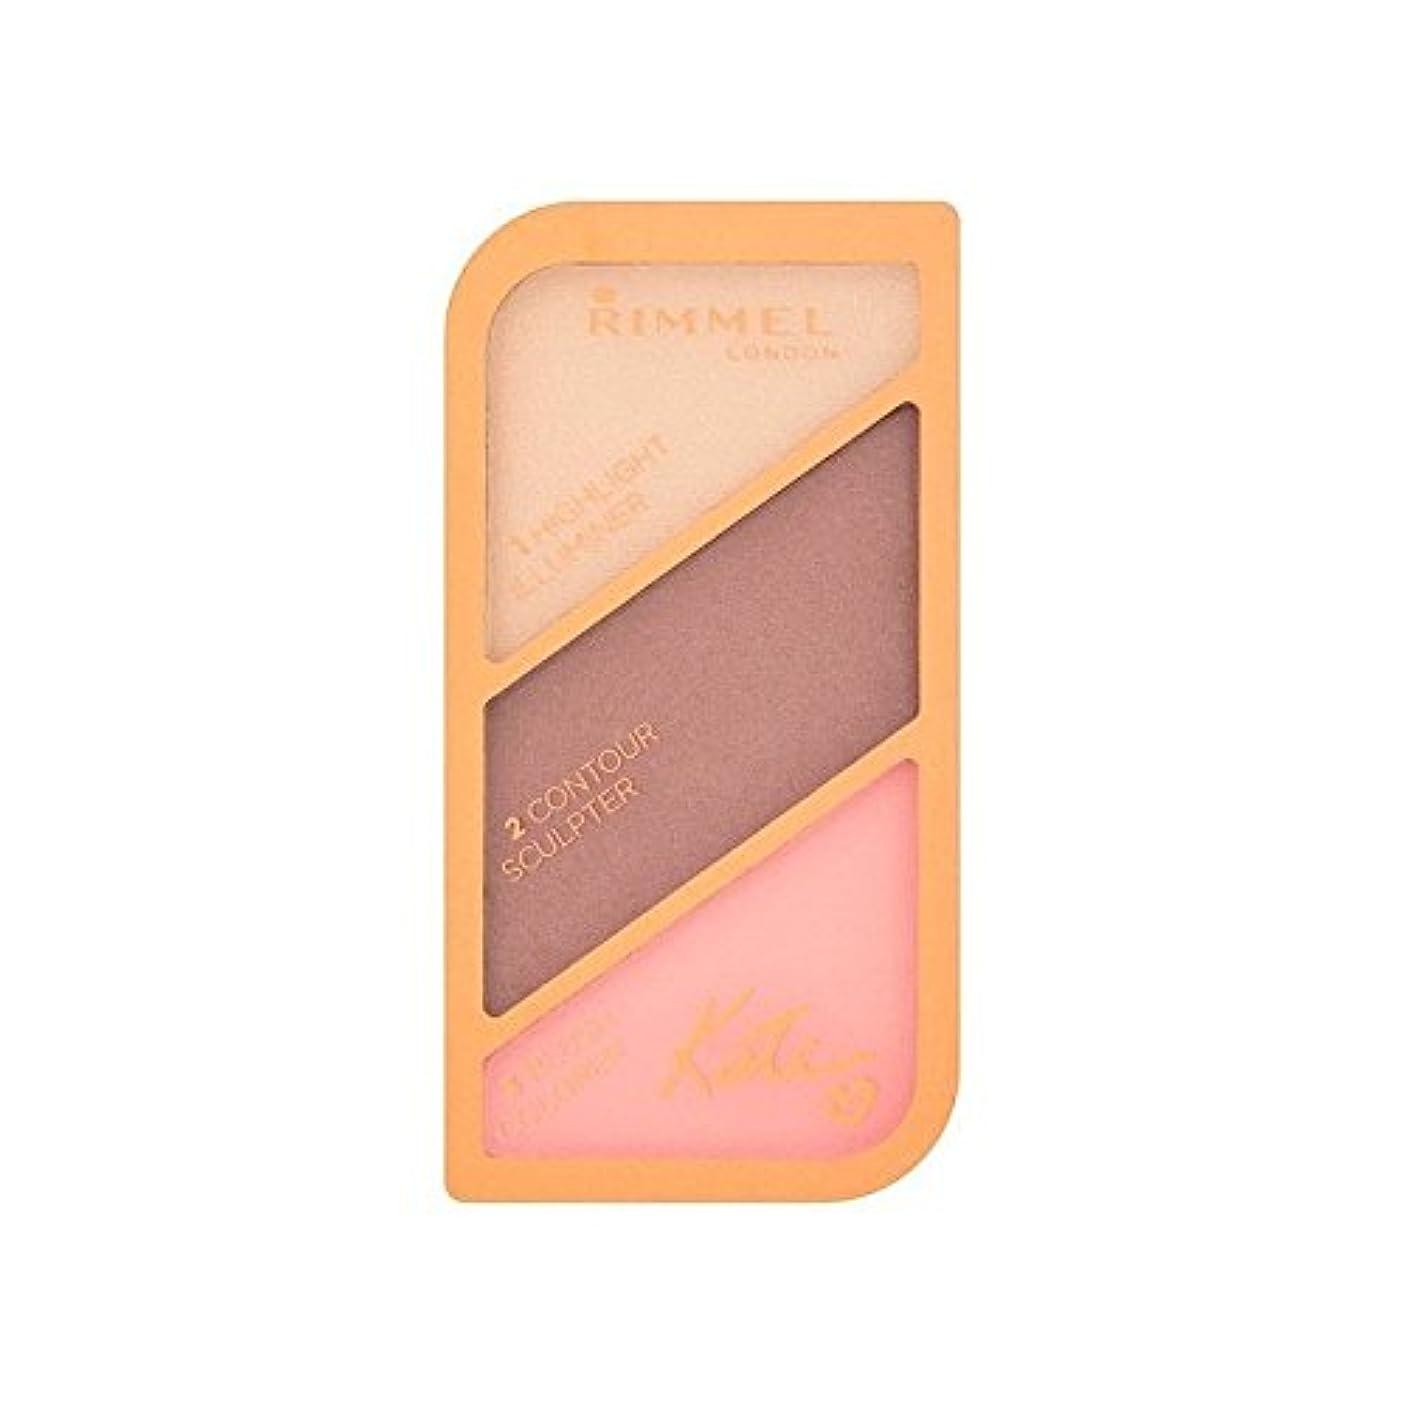 チューリップ私たちのけがをするRimmel Kate Moss Sculpting Palette Golden Bronze 003 (Pack of 6) - リンメルケイト?モスの彫刻パレット黄金のブロンズ003 x6 [並行輸入品]